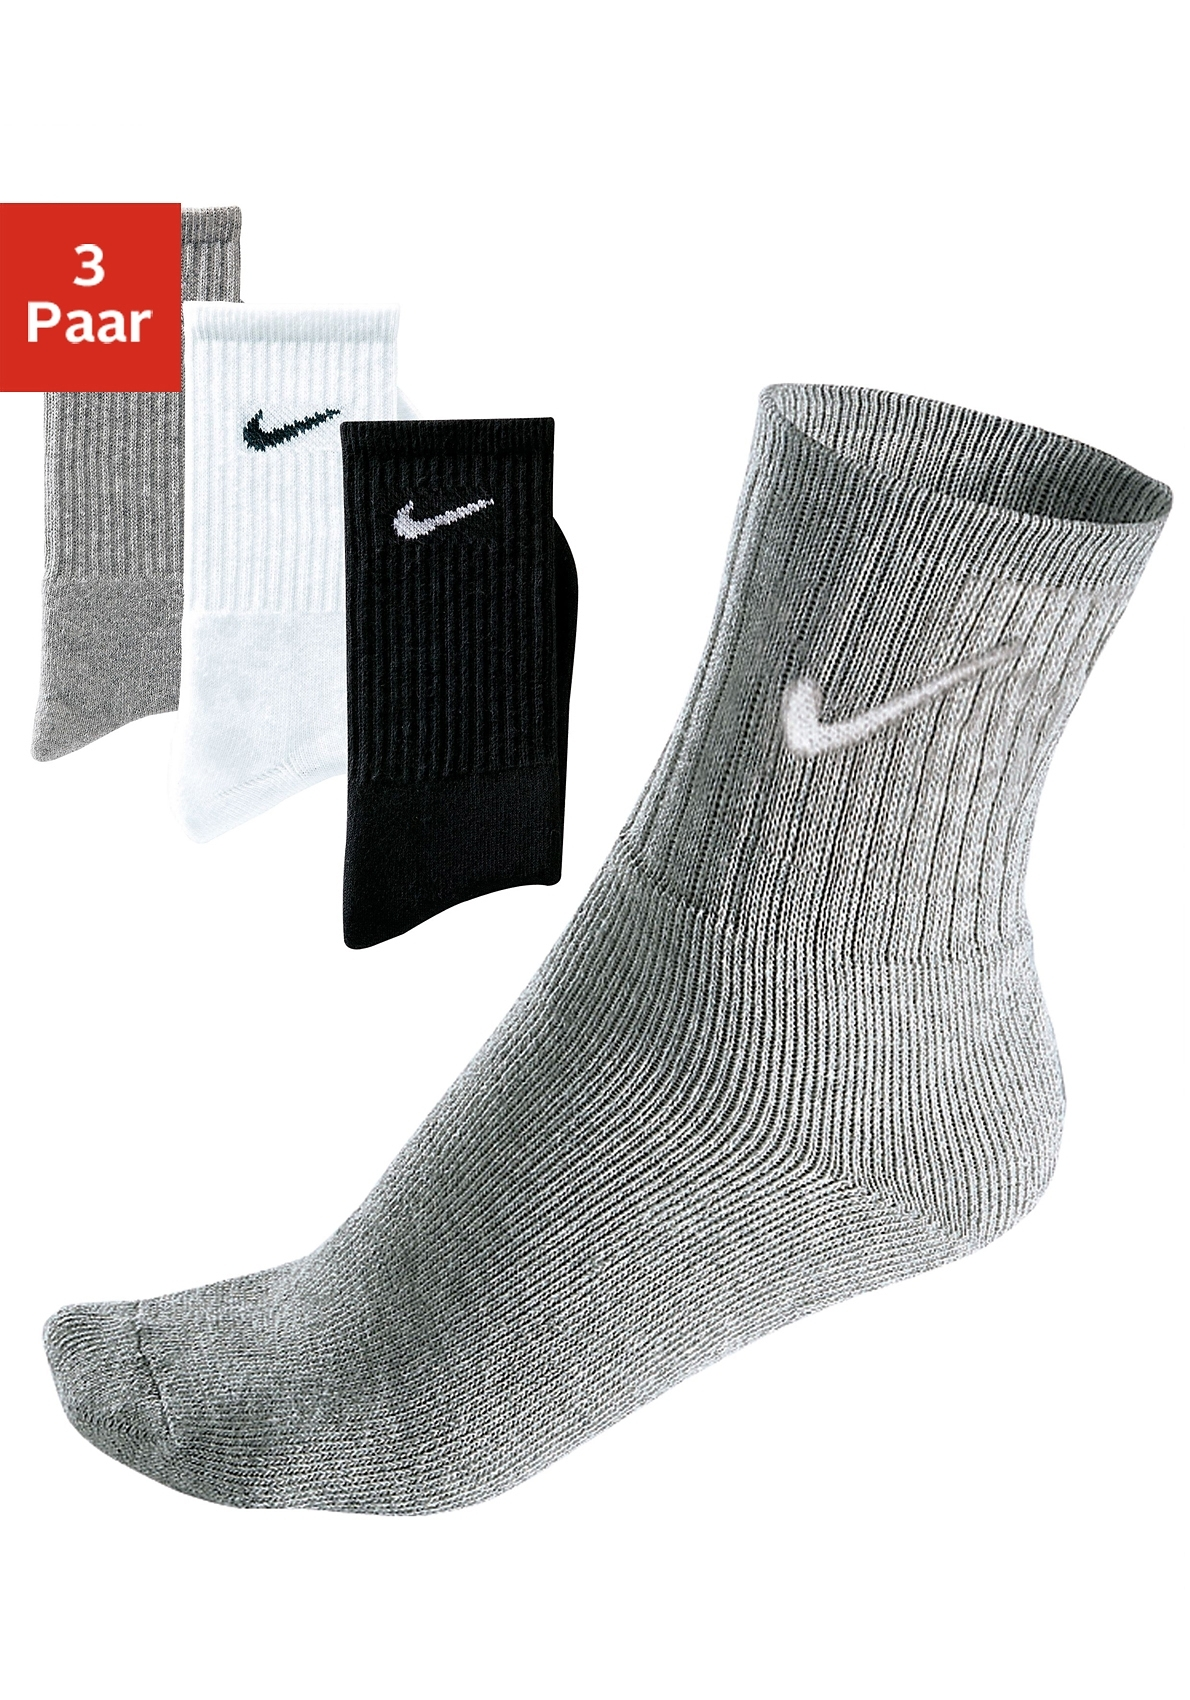 Nike Sportsokken met frotté (3 paar) goedkoop op lascana.nl kopen